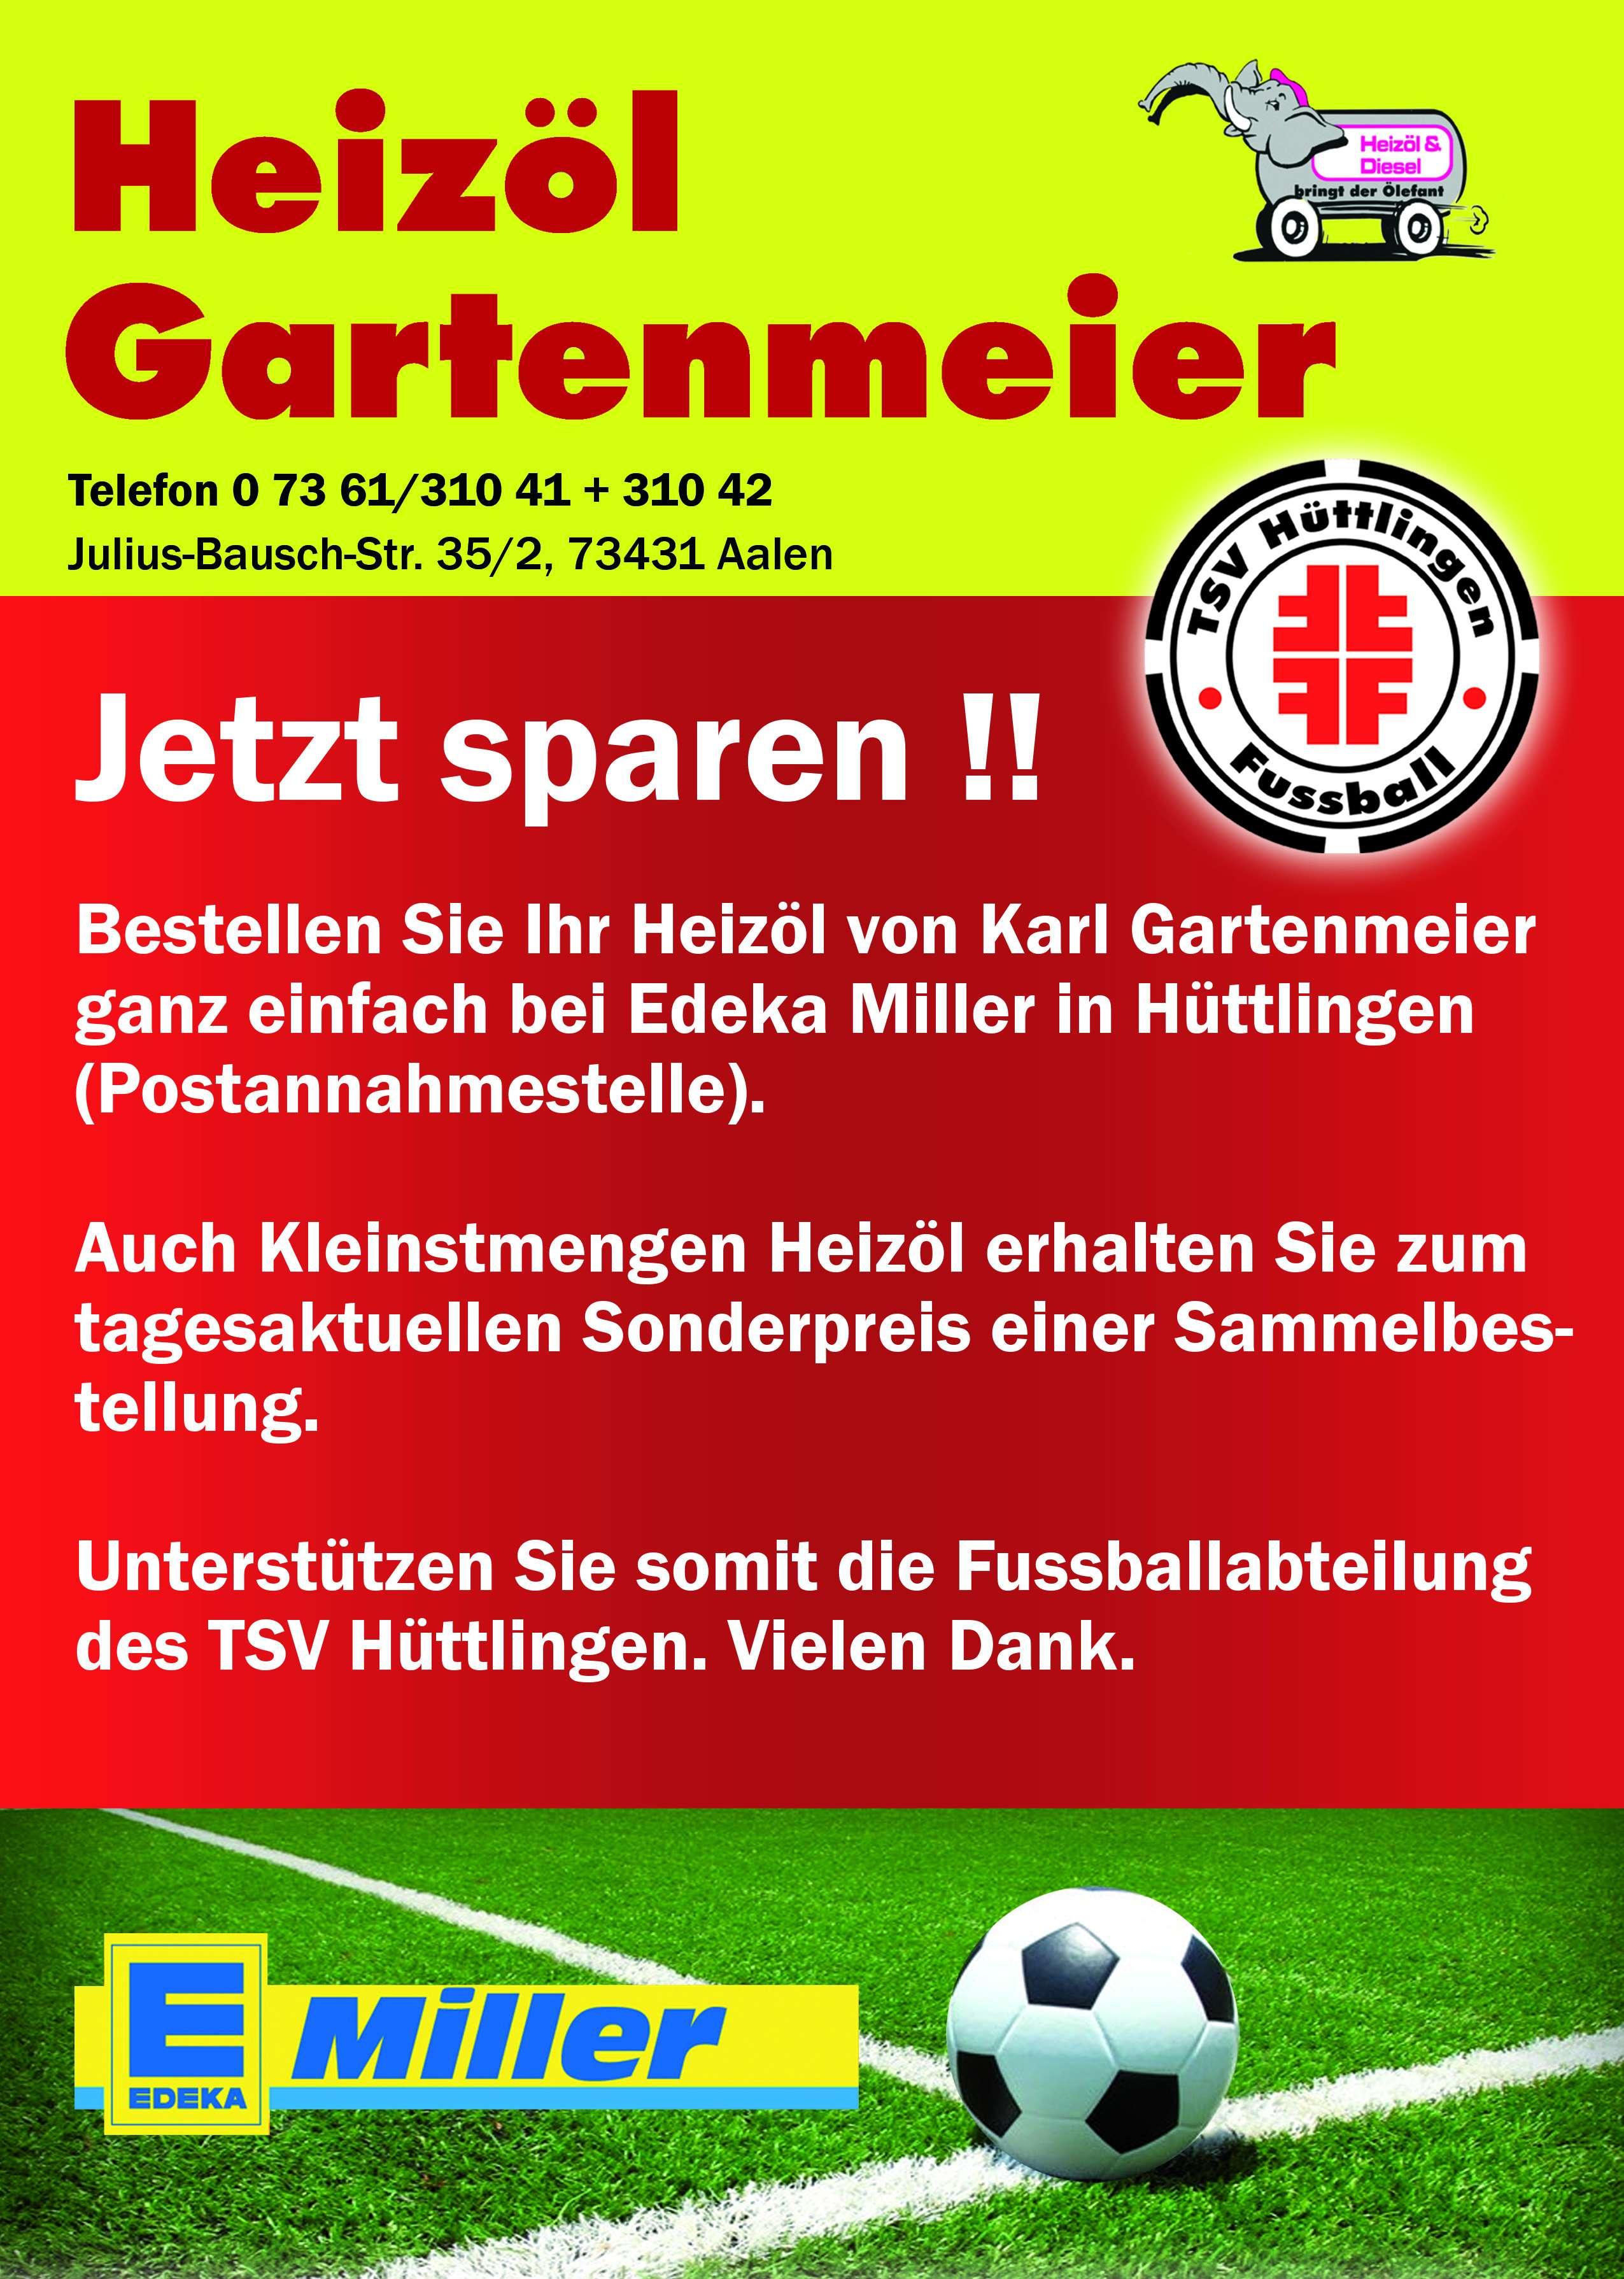 gartenmeier_1